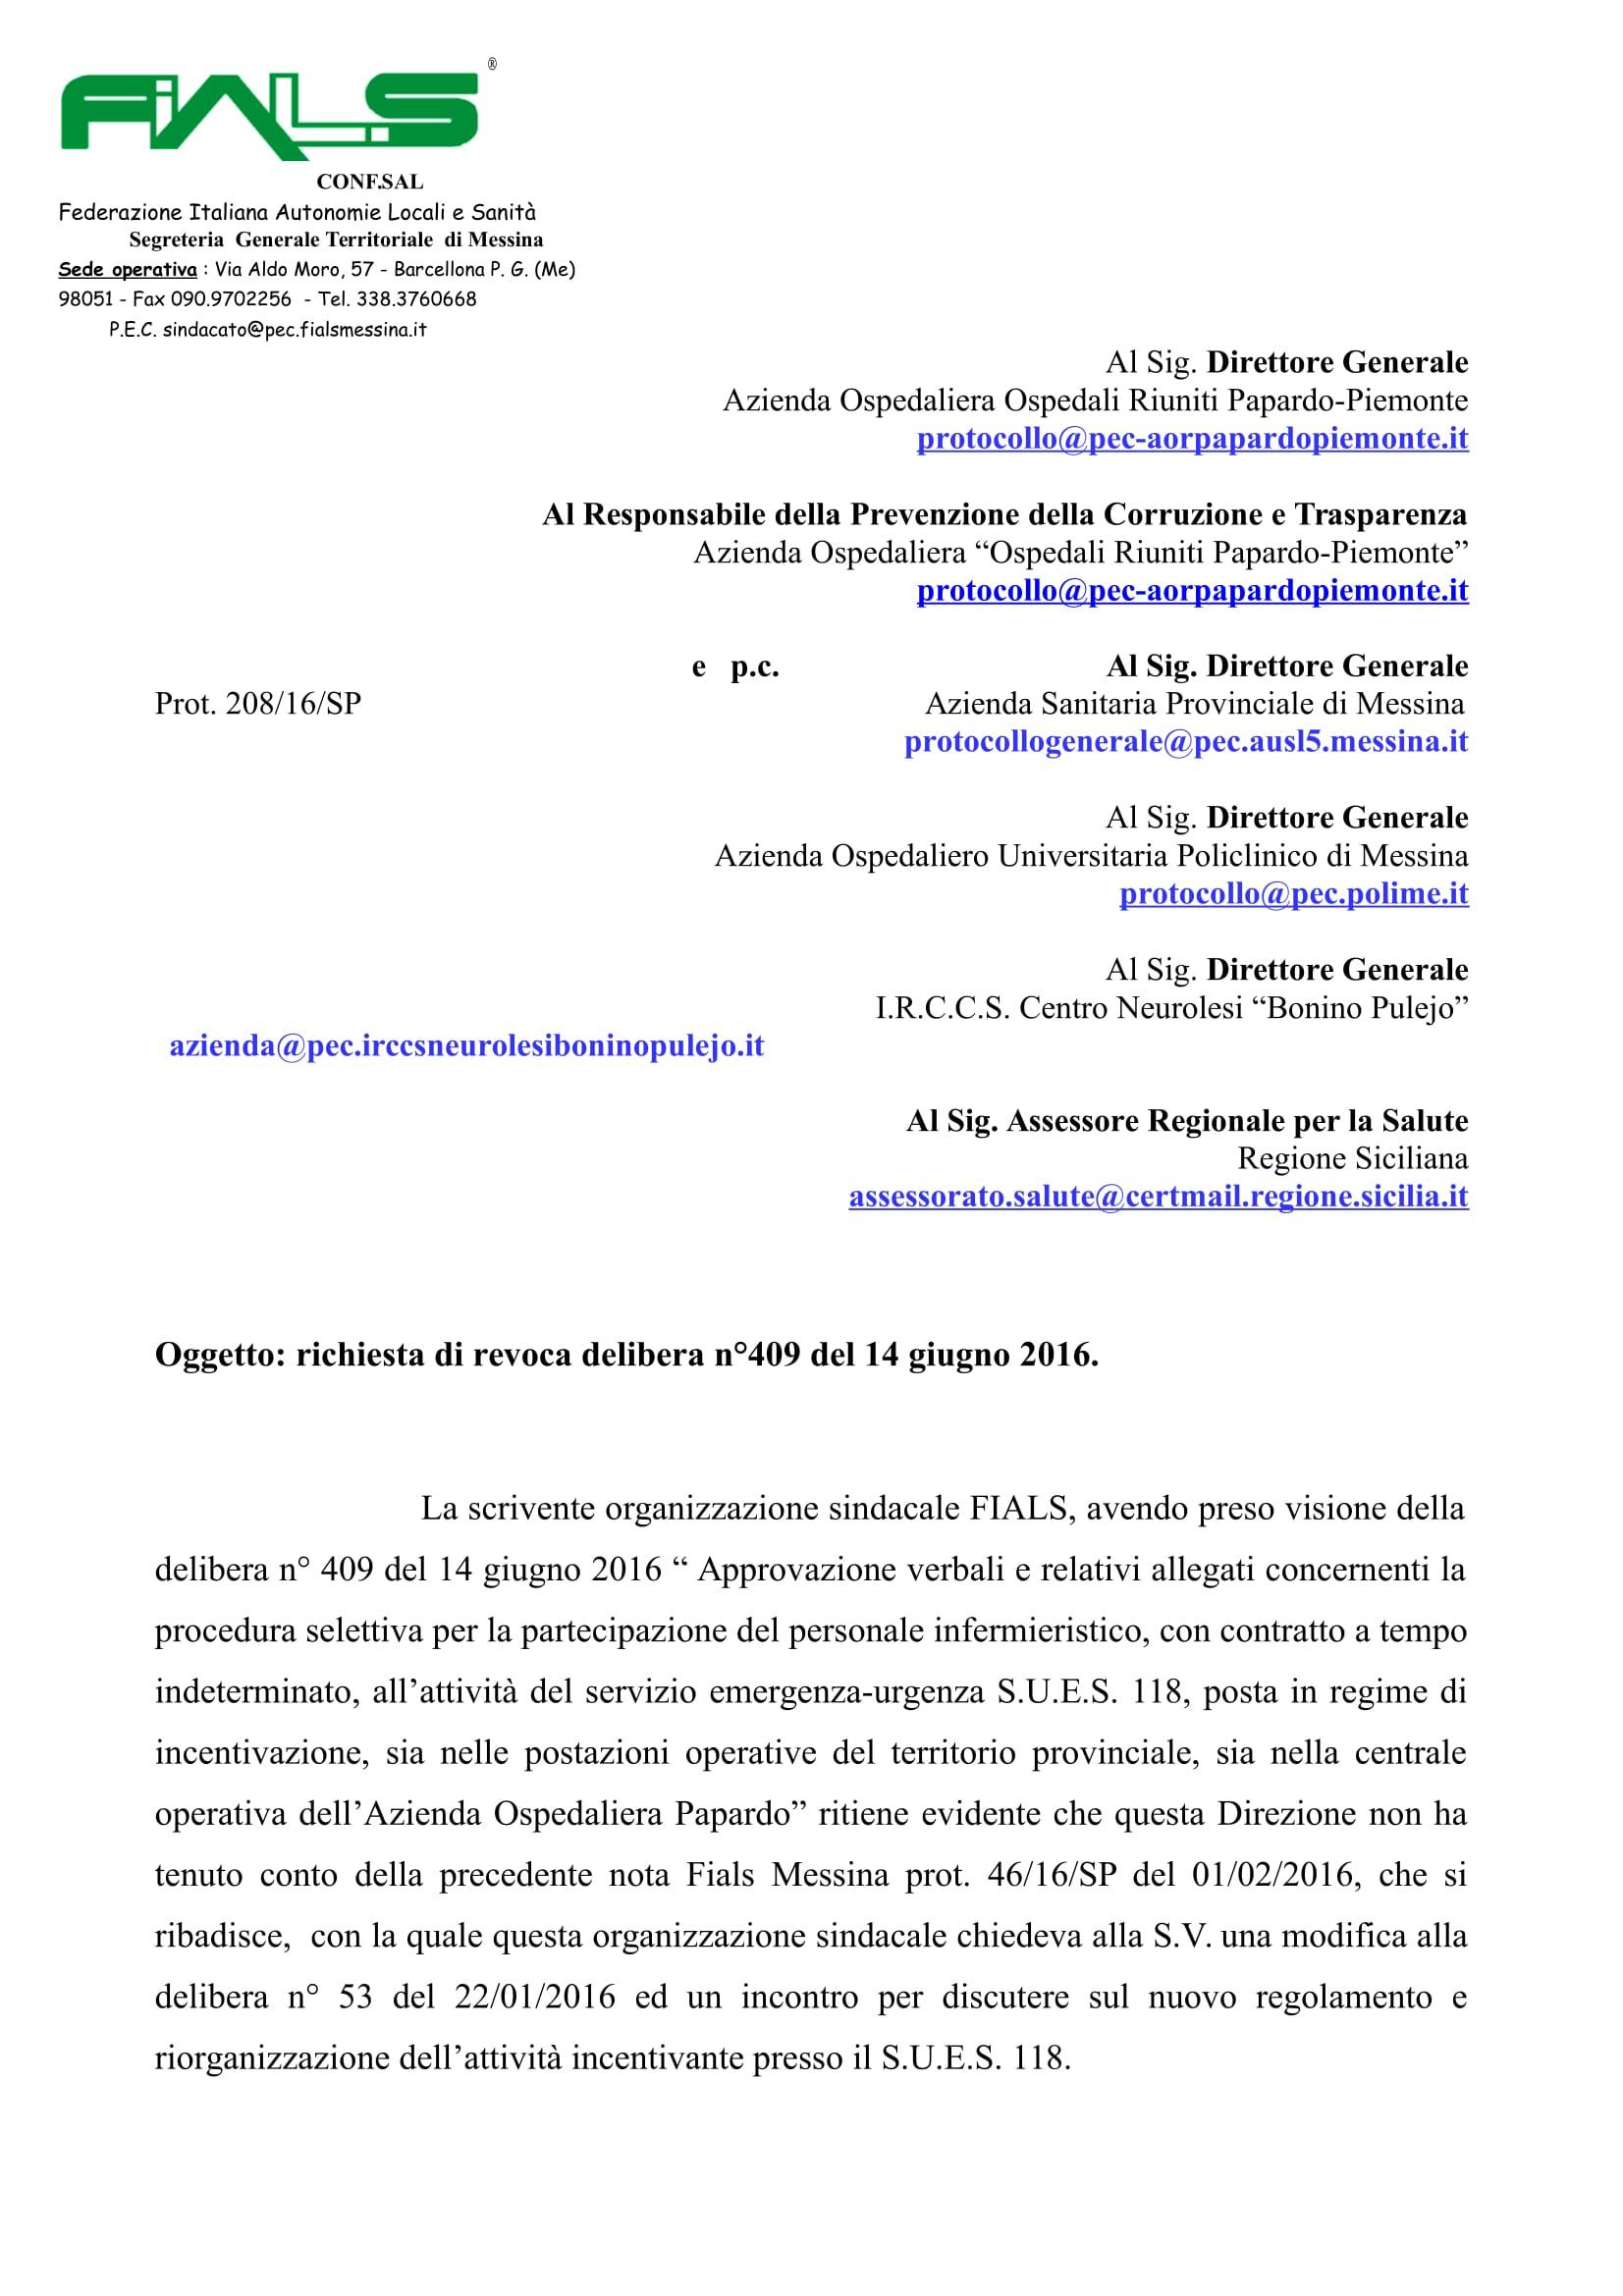 prot-208-del-28-giugno-2016-richiesta-di-revoca-delibera-n409-del-14-giugno-2016-copia-1